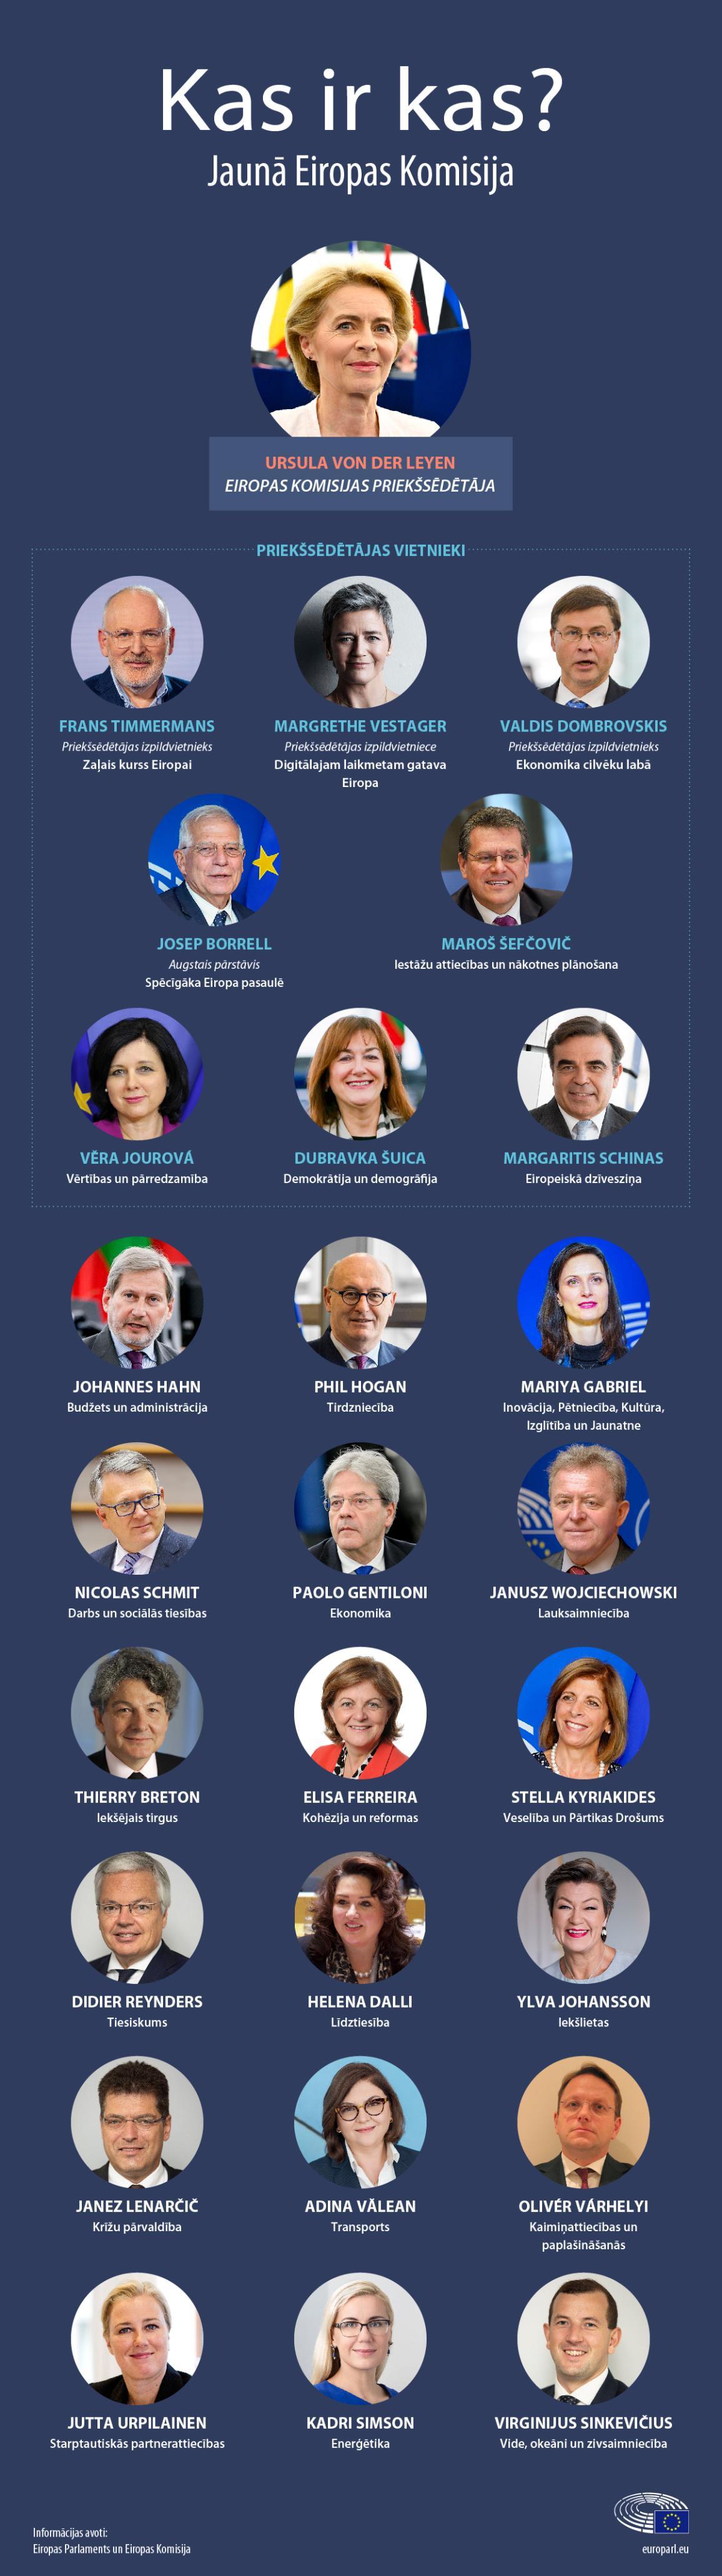 Infografika: Jaunā Eiropas Komisija (2019-2024).